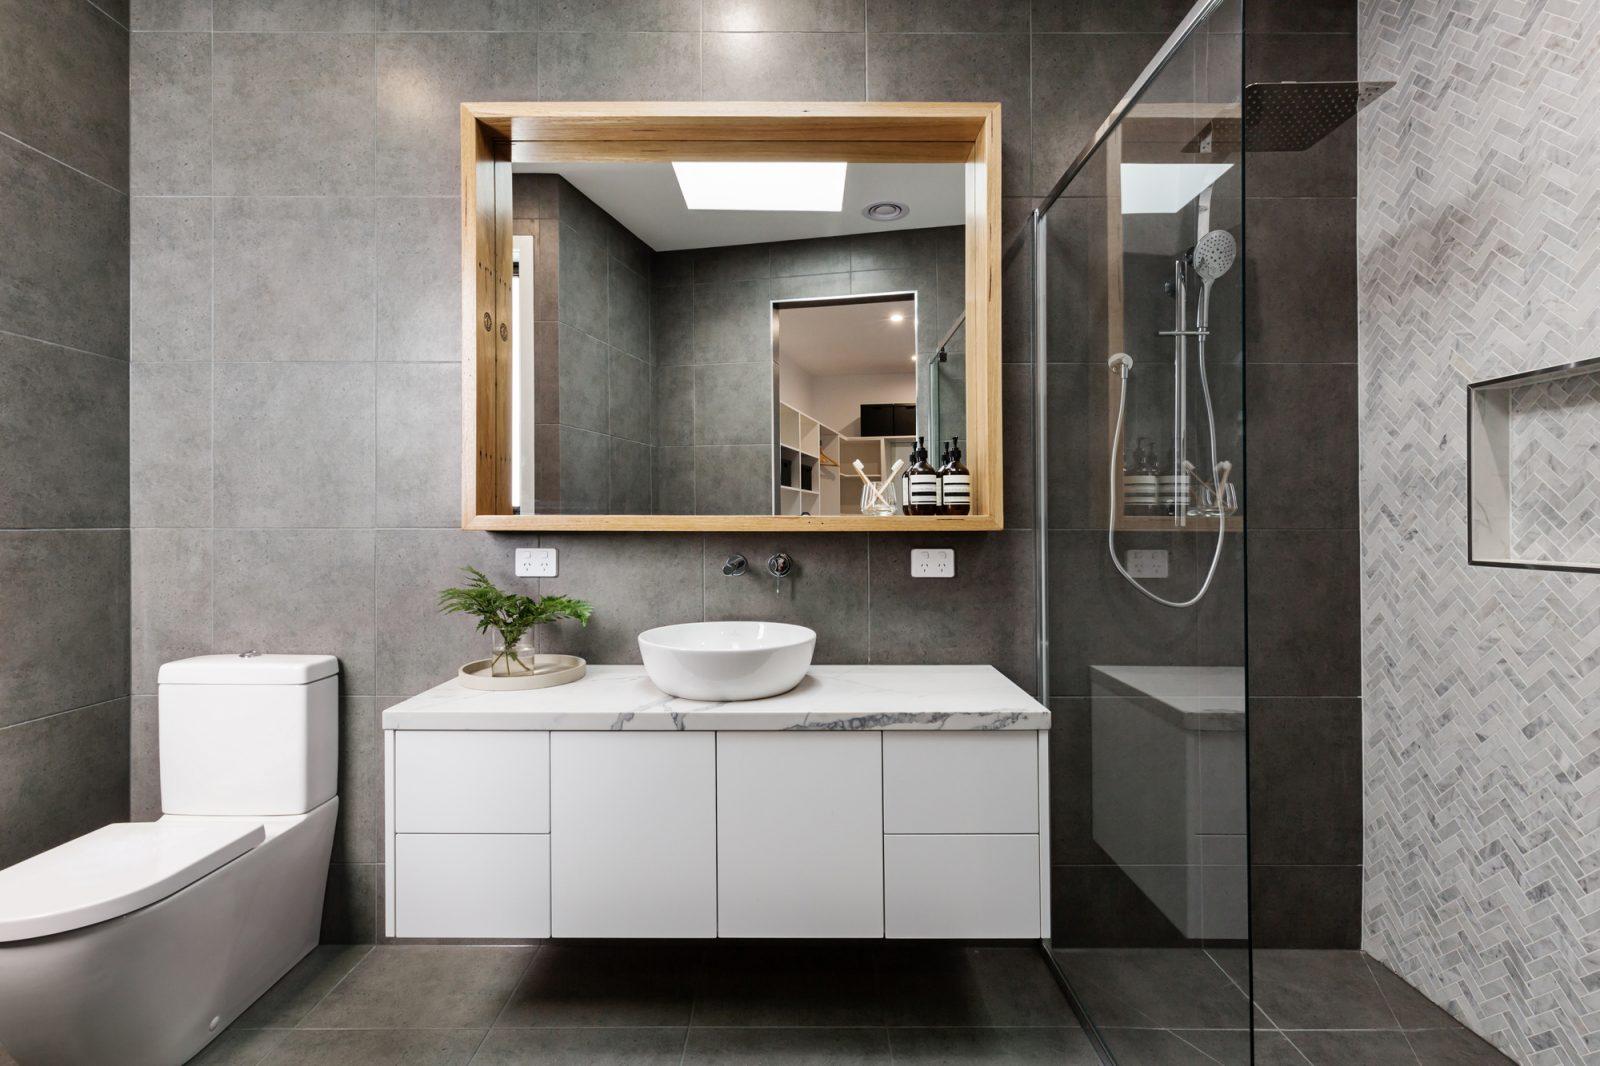 Changer de salle de bain sans tout casser : c'est possible?